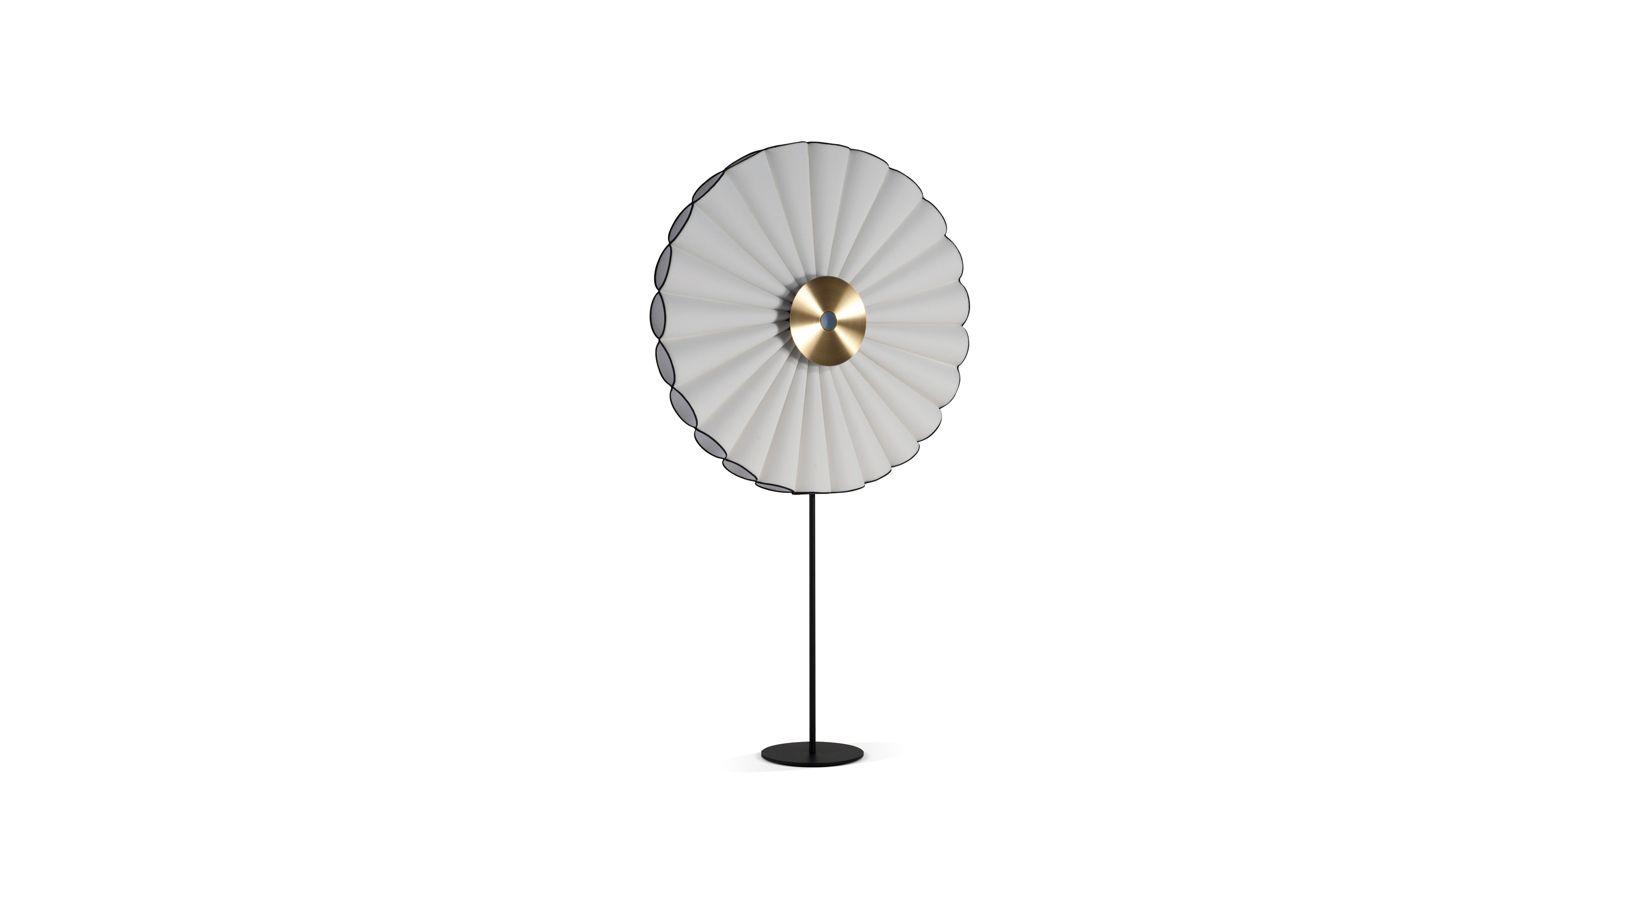 Reine lampadaire roche bobois - Lampadaire design roche bobois ...